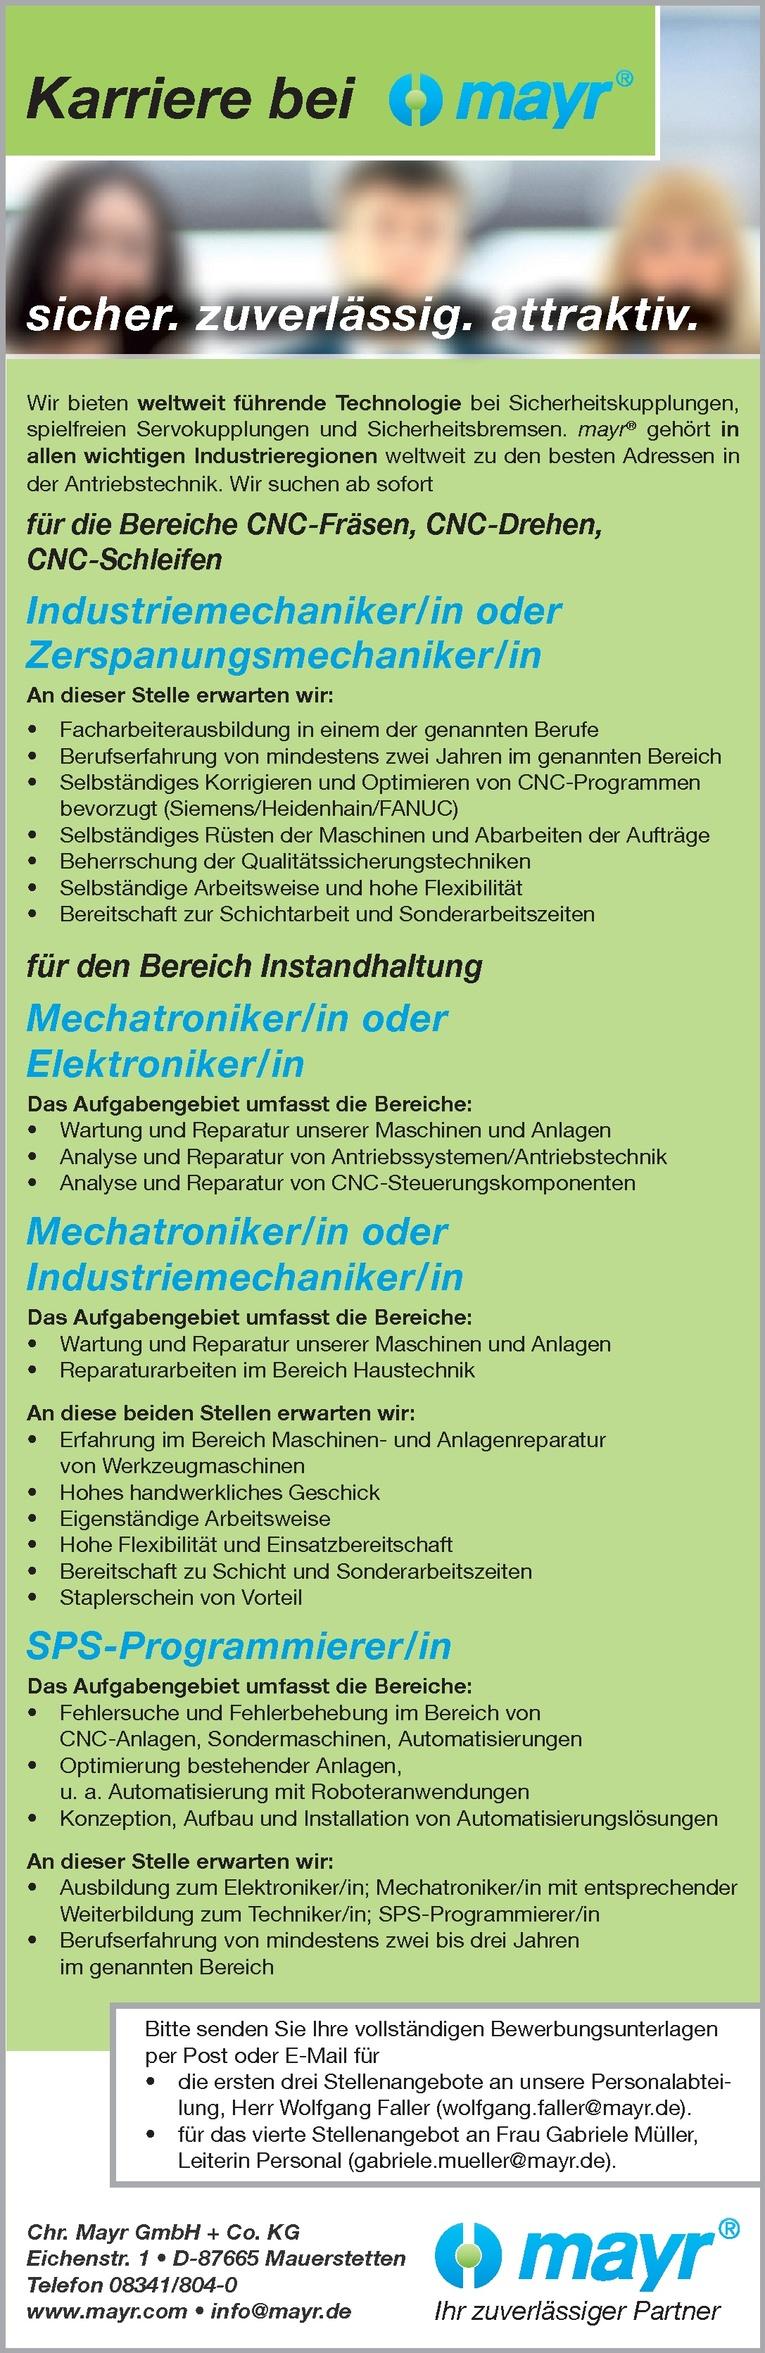 Industriemechaniker/in oder Zerspanungsmechaniker/in